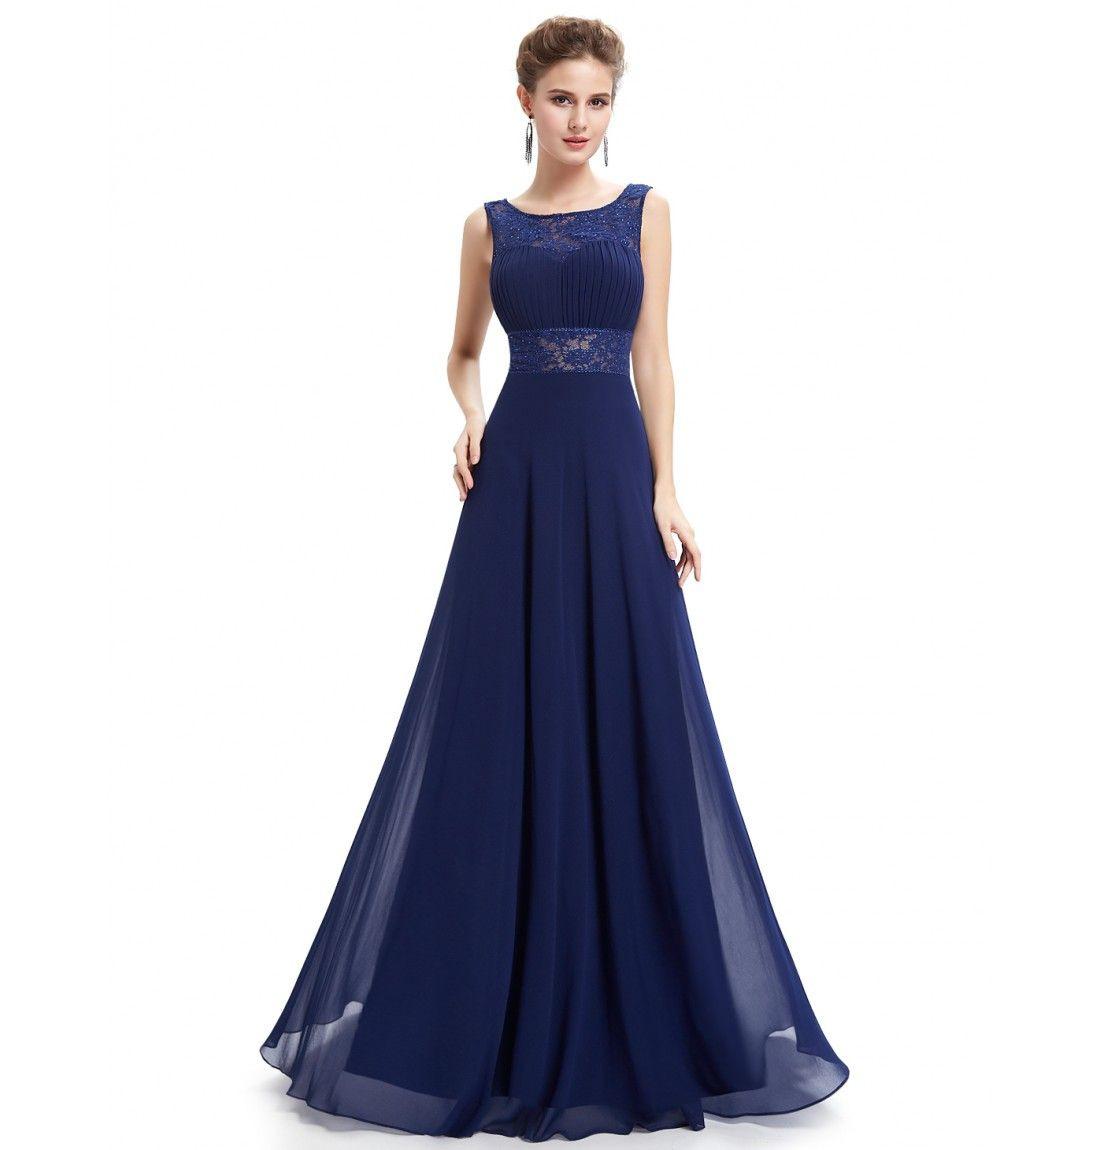 Leicht Dunkelblaues Abendkleid Spezialgebiet15 Einfach Dunkelblaues Abendkleid Ärmel